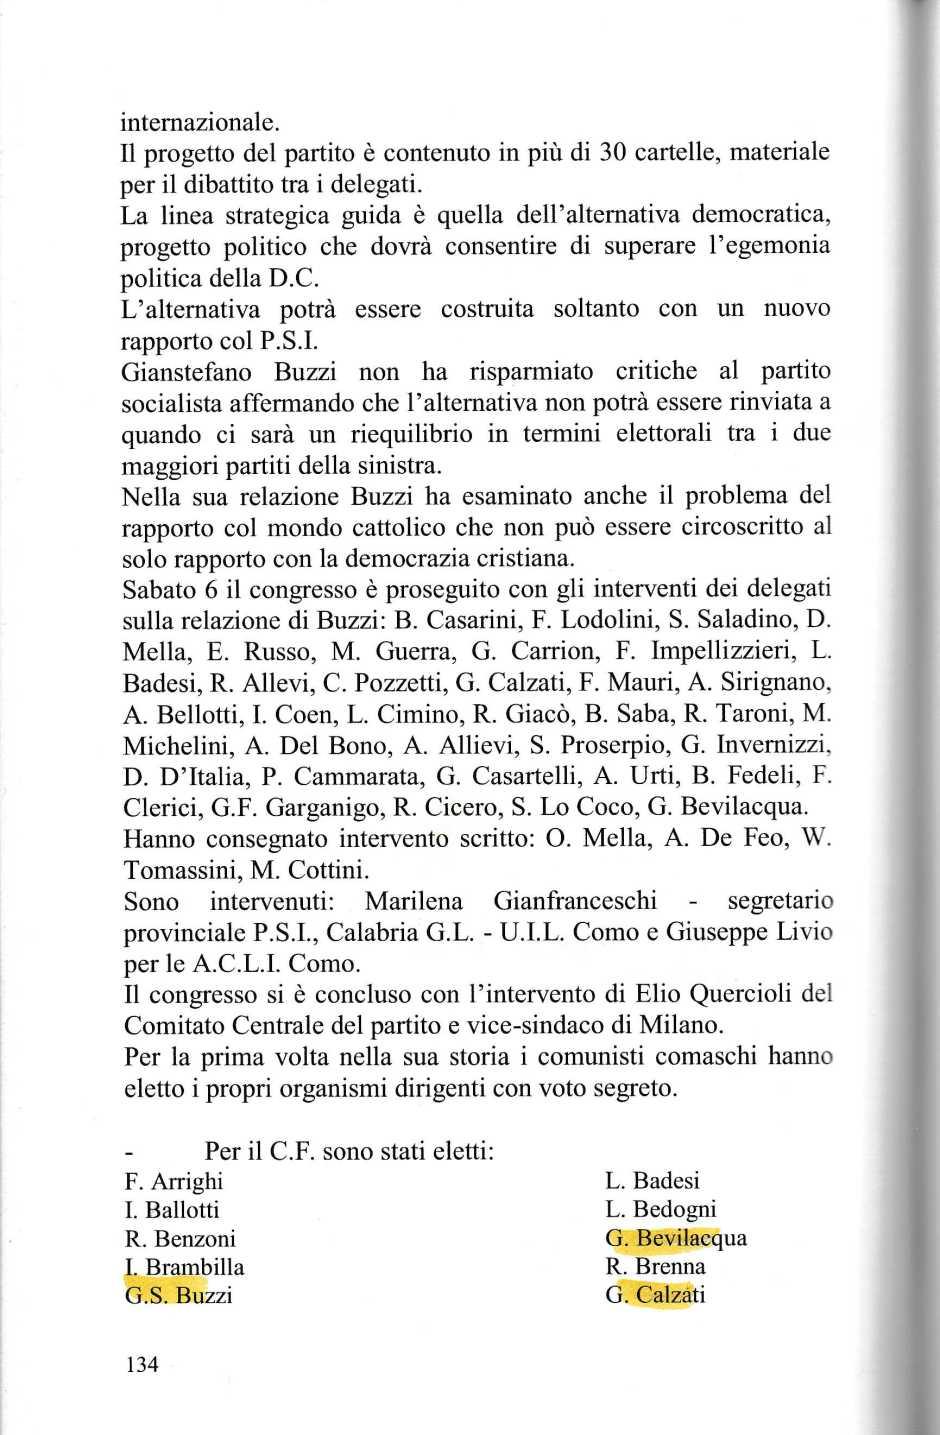 INDAVURU PCI COMO 2397